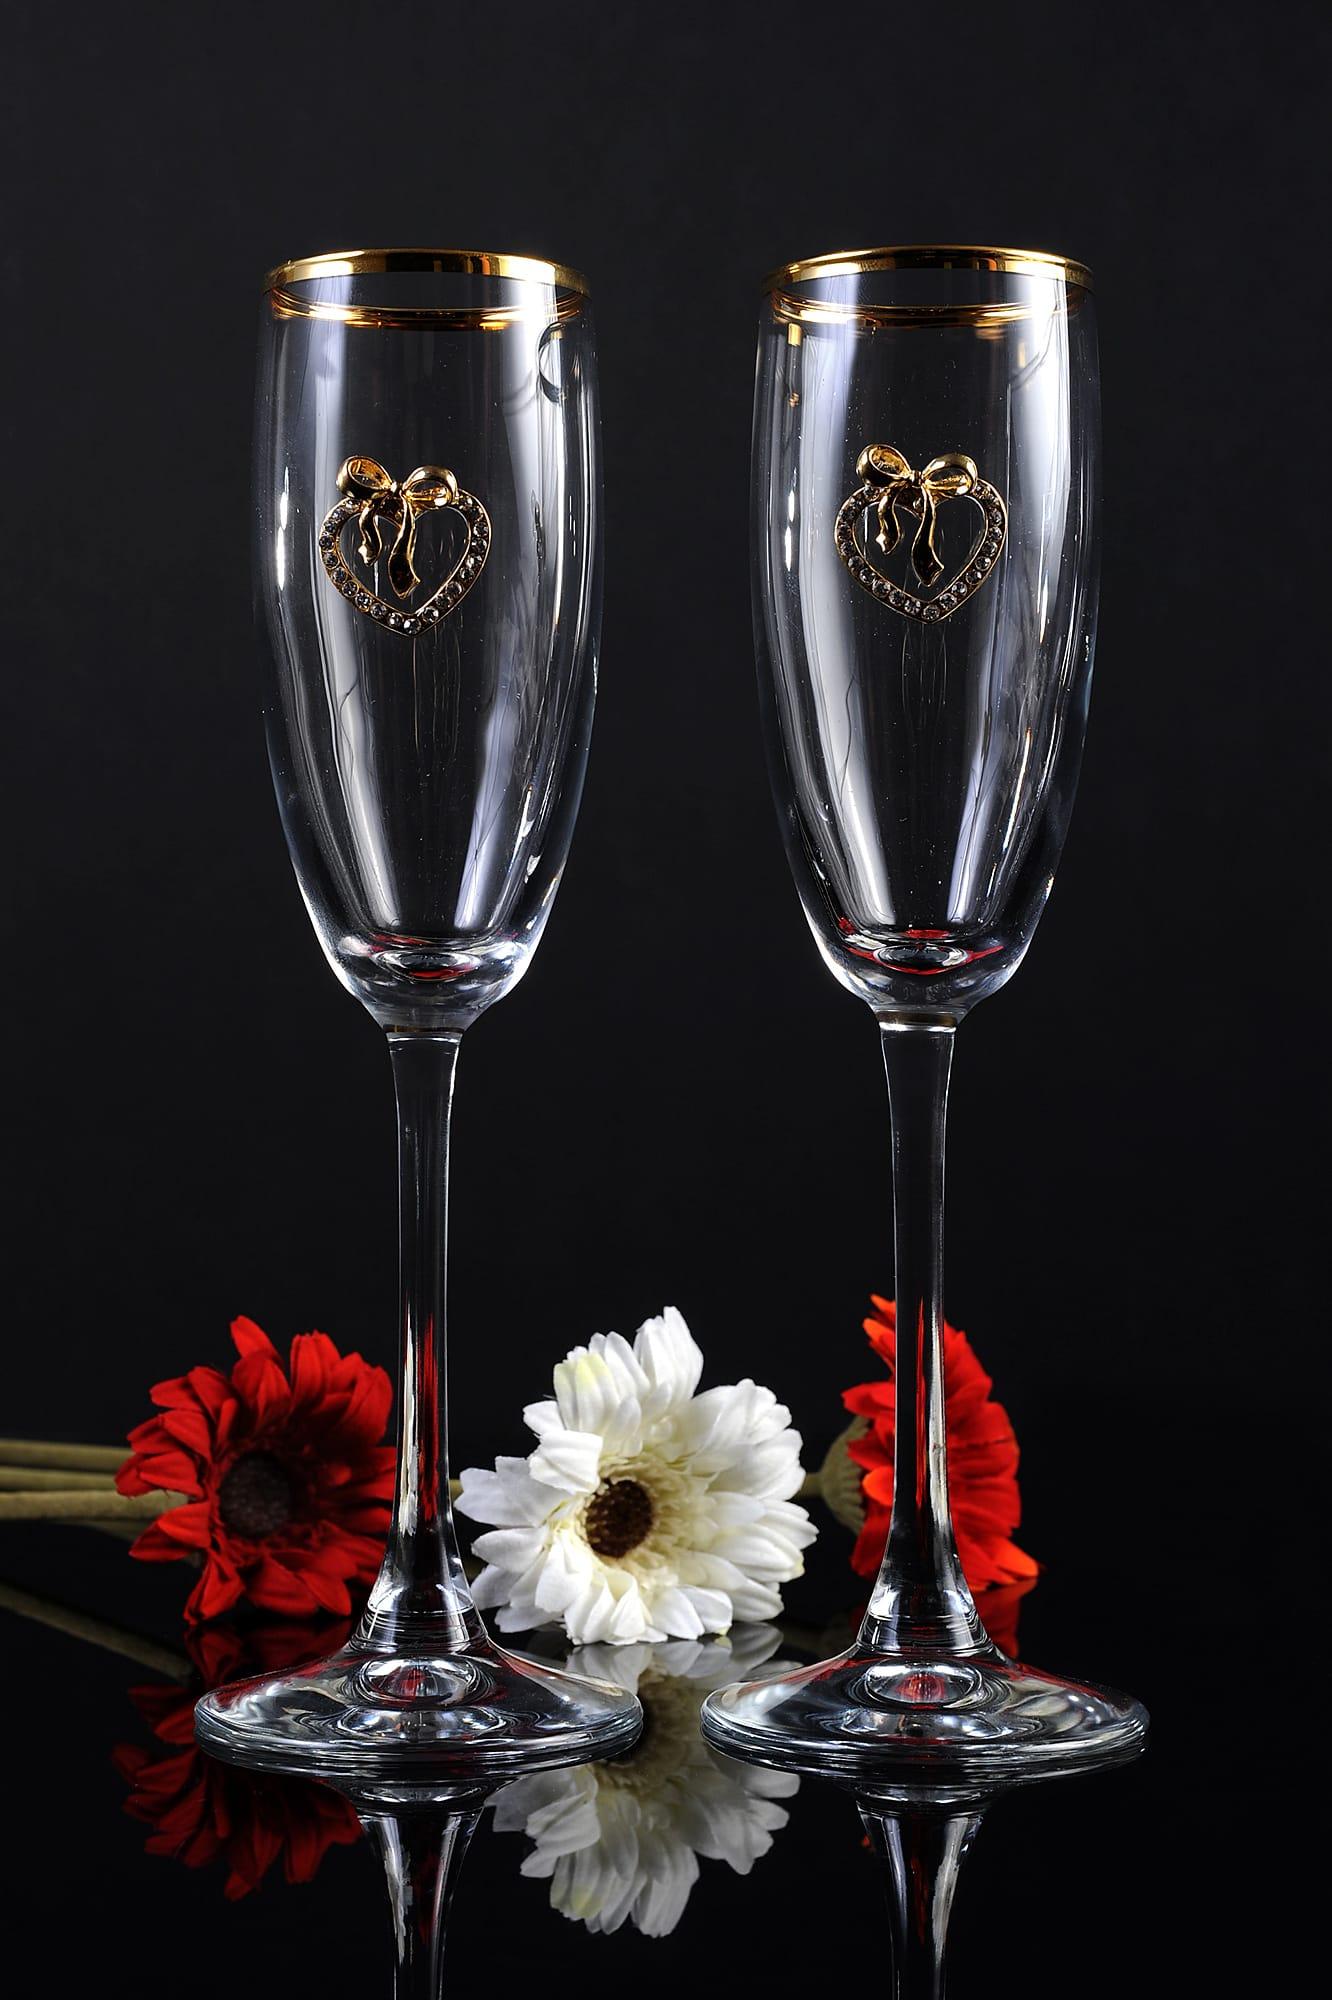 Прозрачные свадебные бокалы с золотистой отделкой по верху и сердечками на чаше.